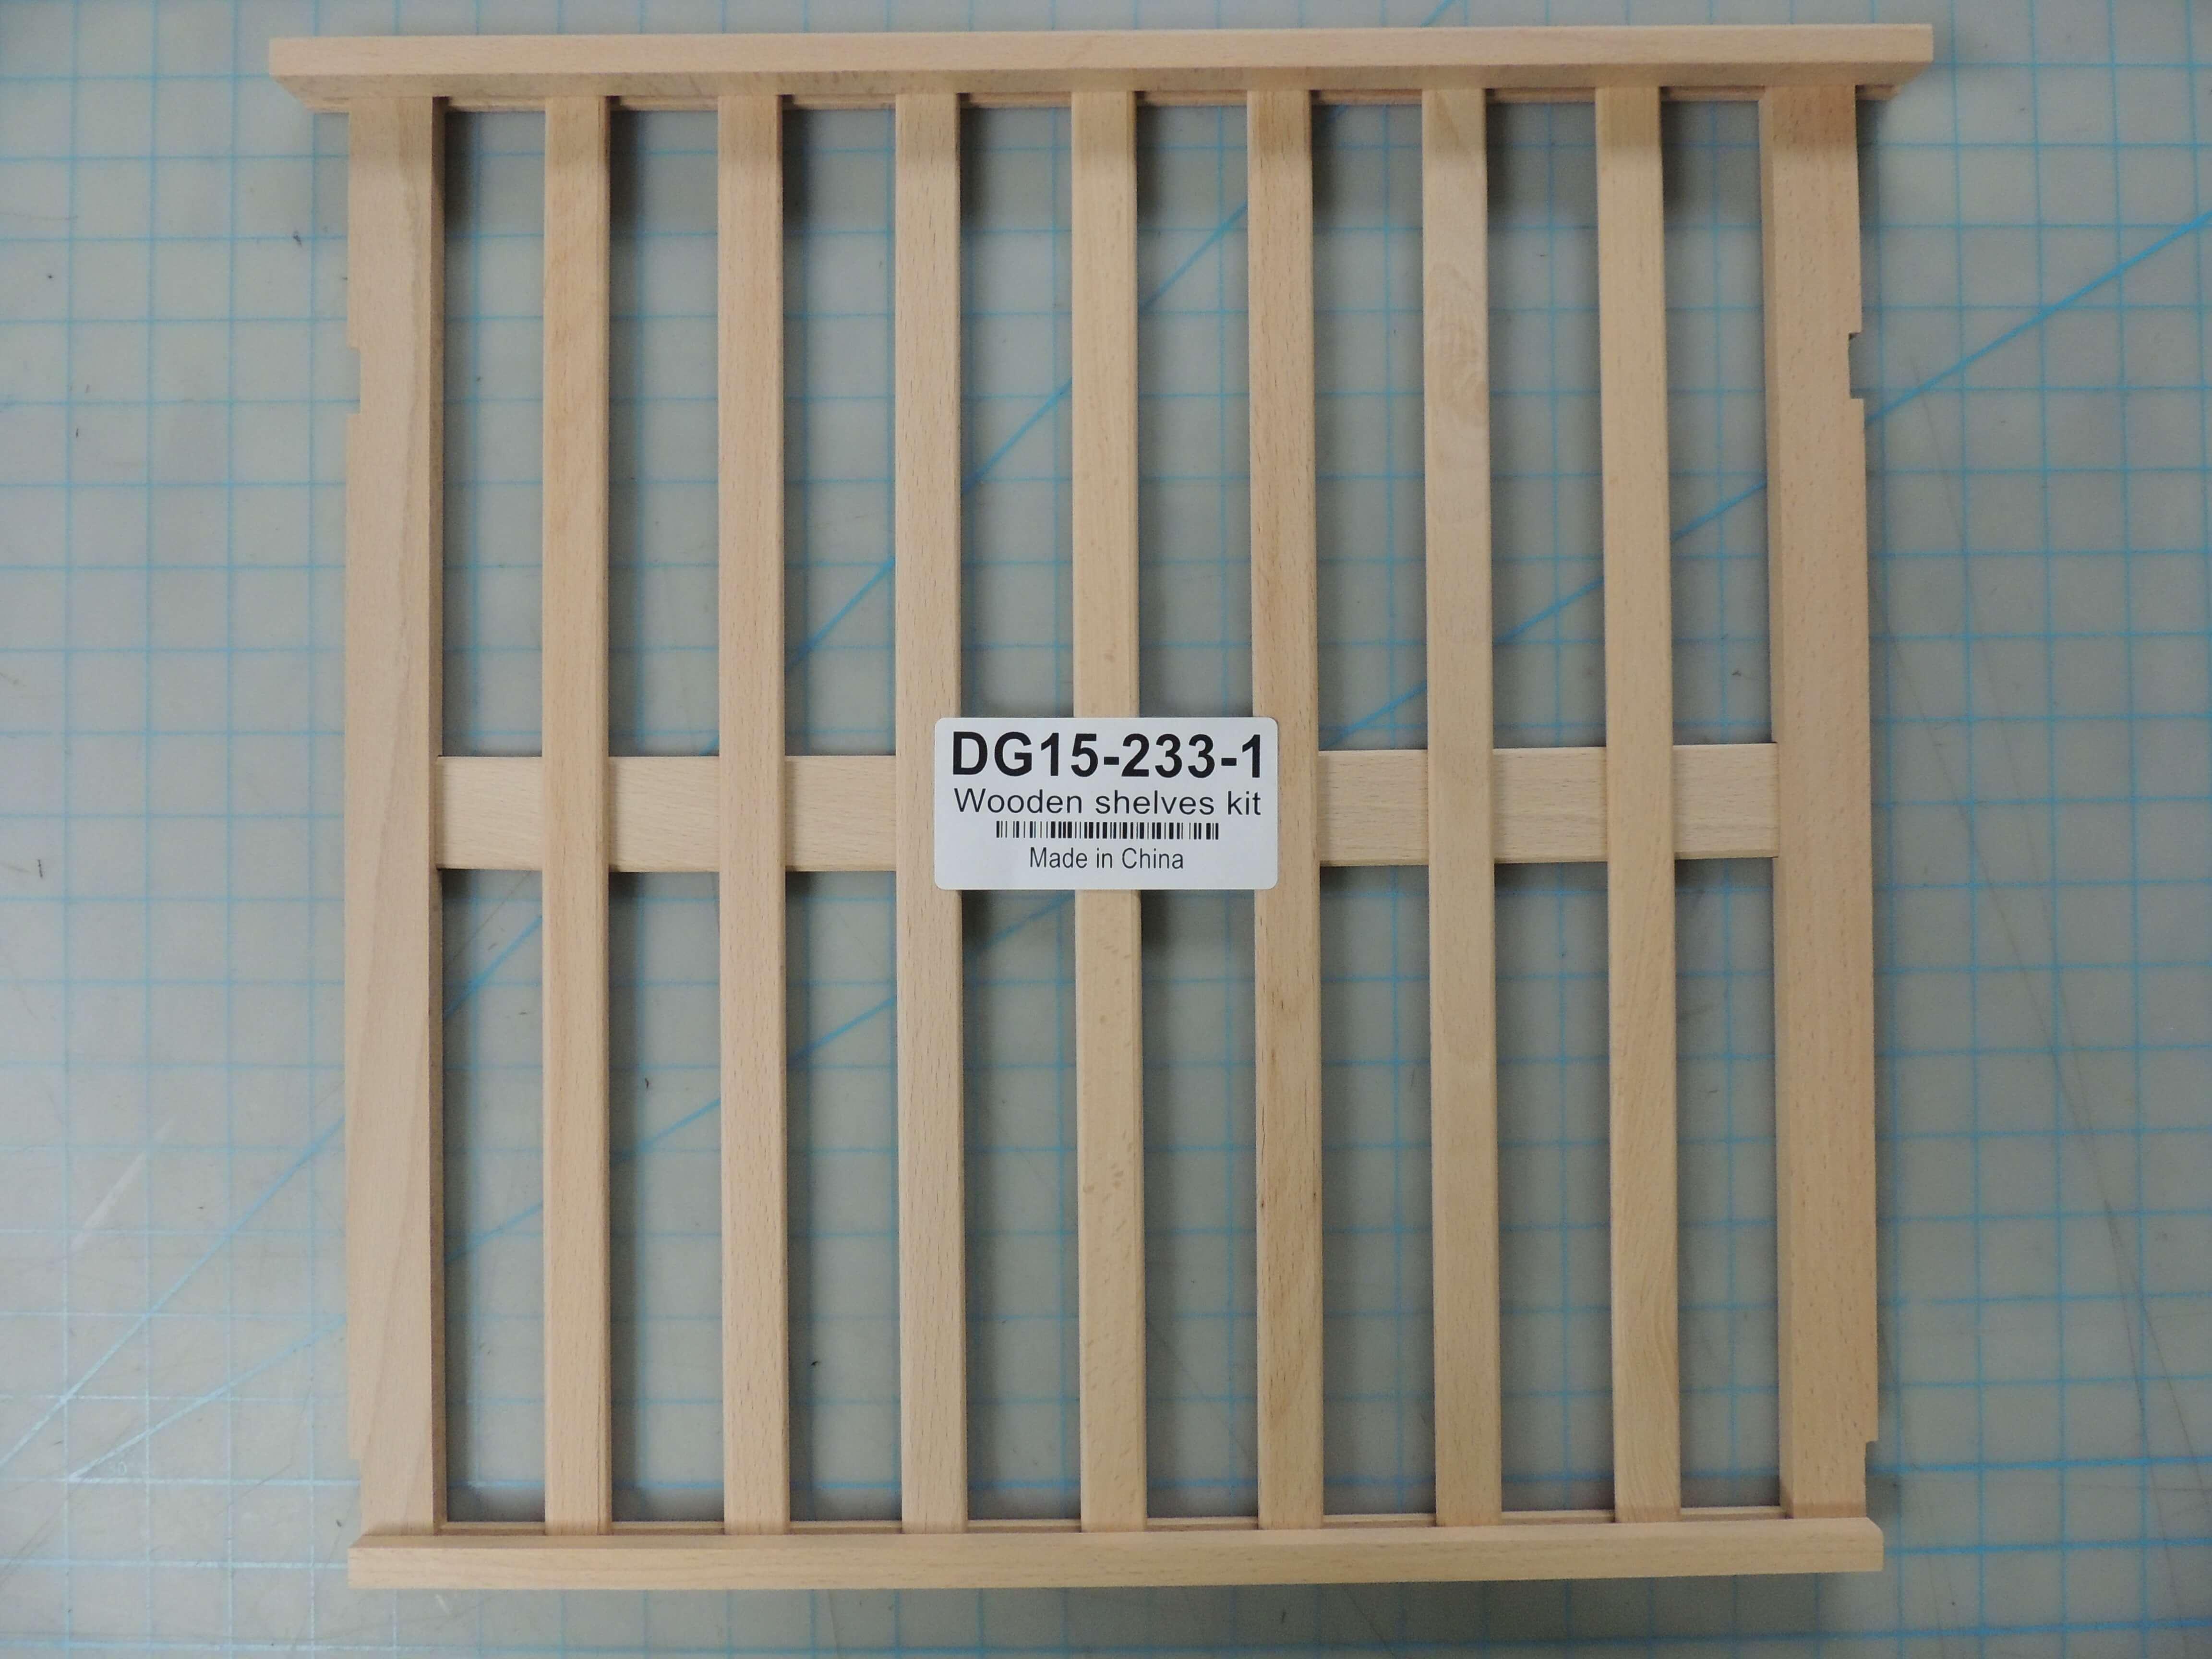 Wooden shelves kit